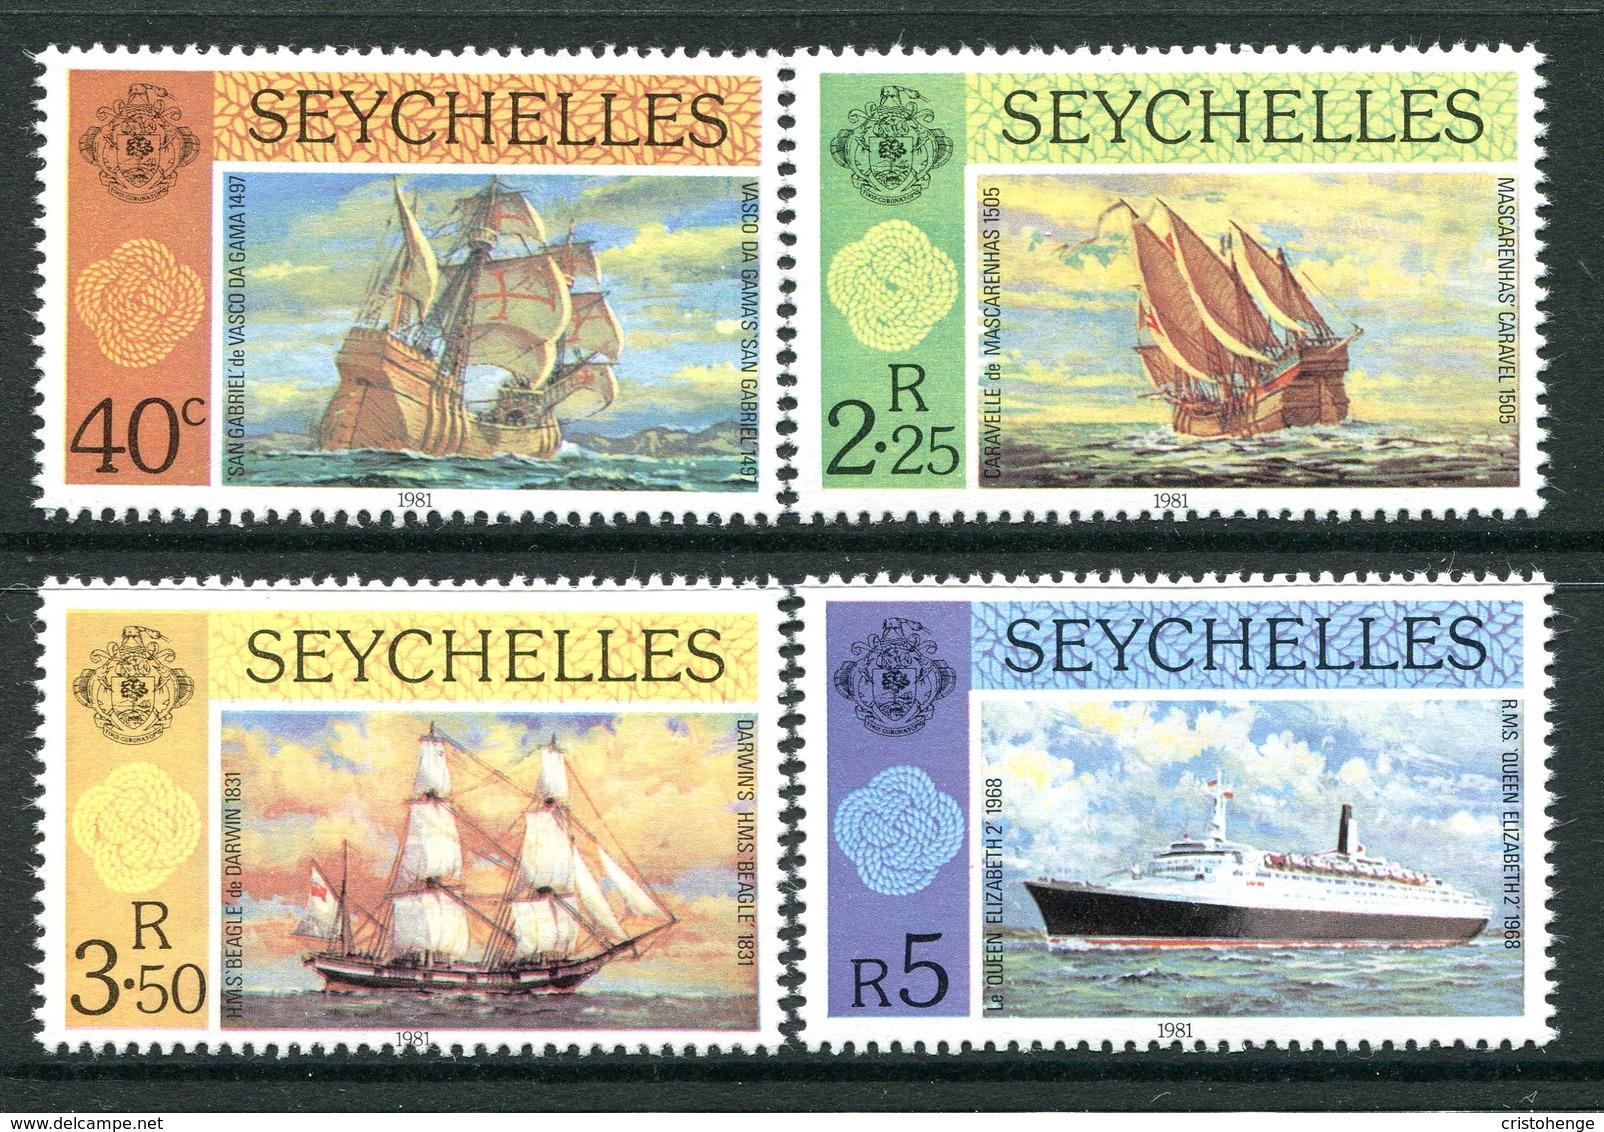 Seychelles 1981 Ships Set MNH (SG 495-498) - Seychelles (1976-...)